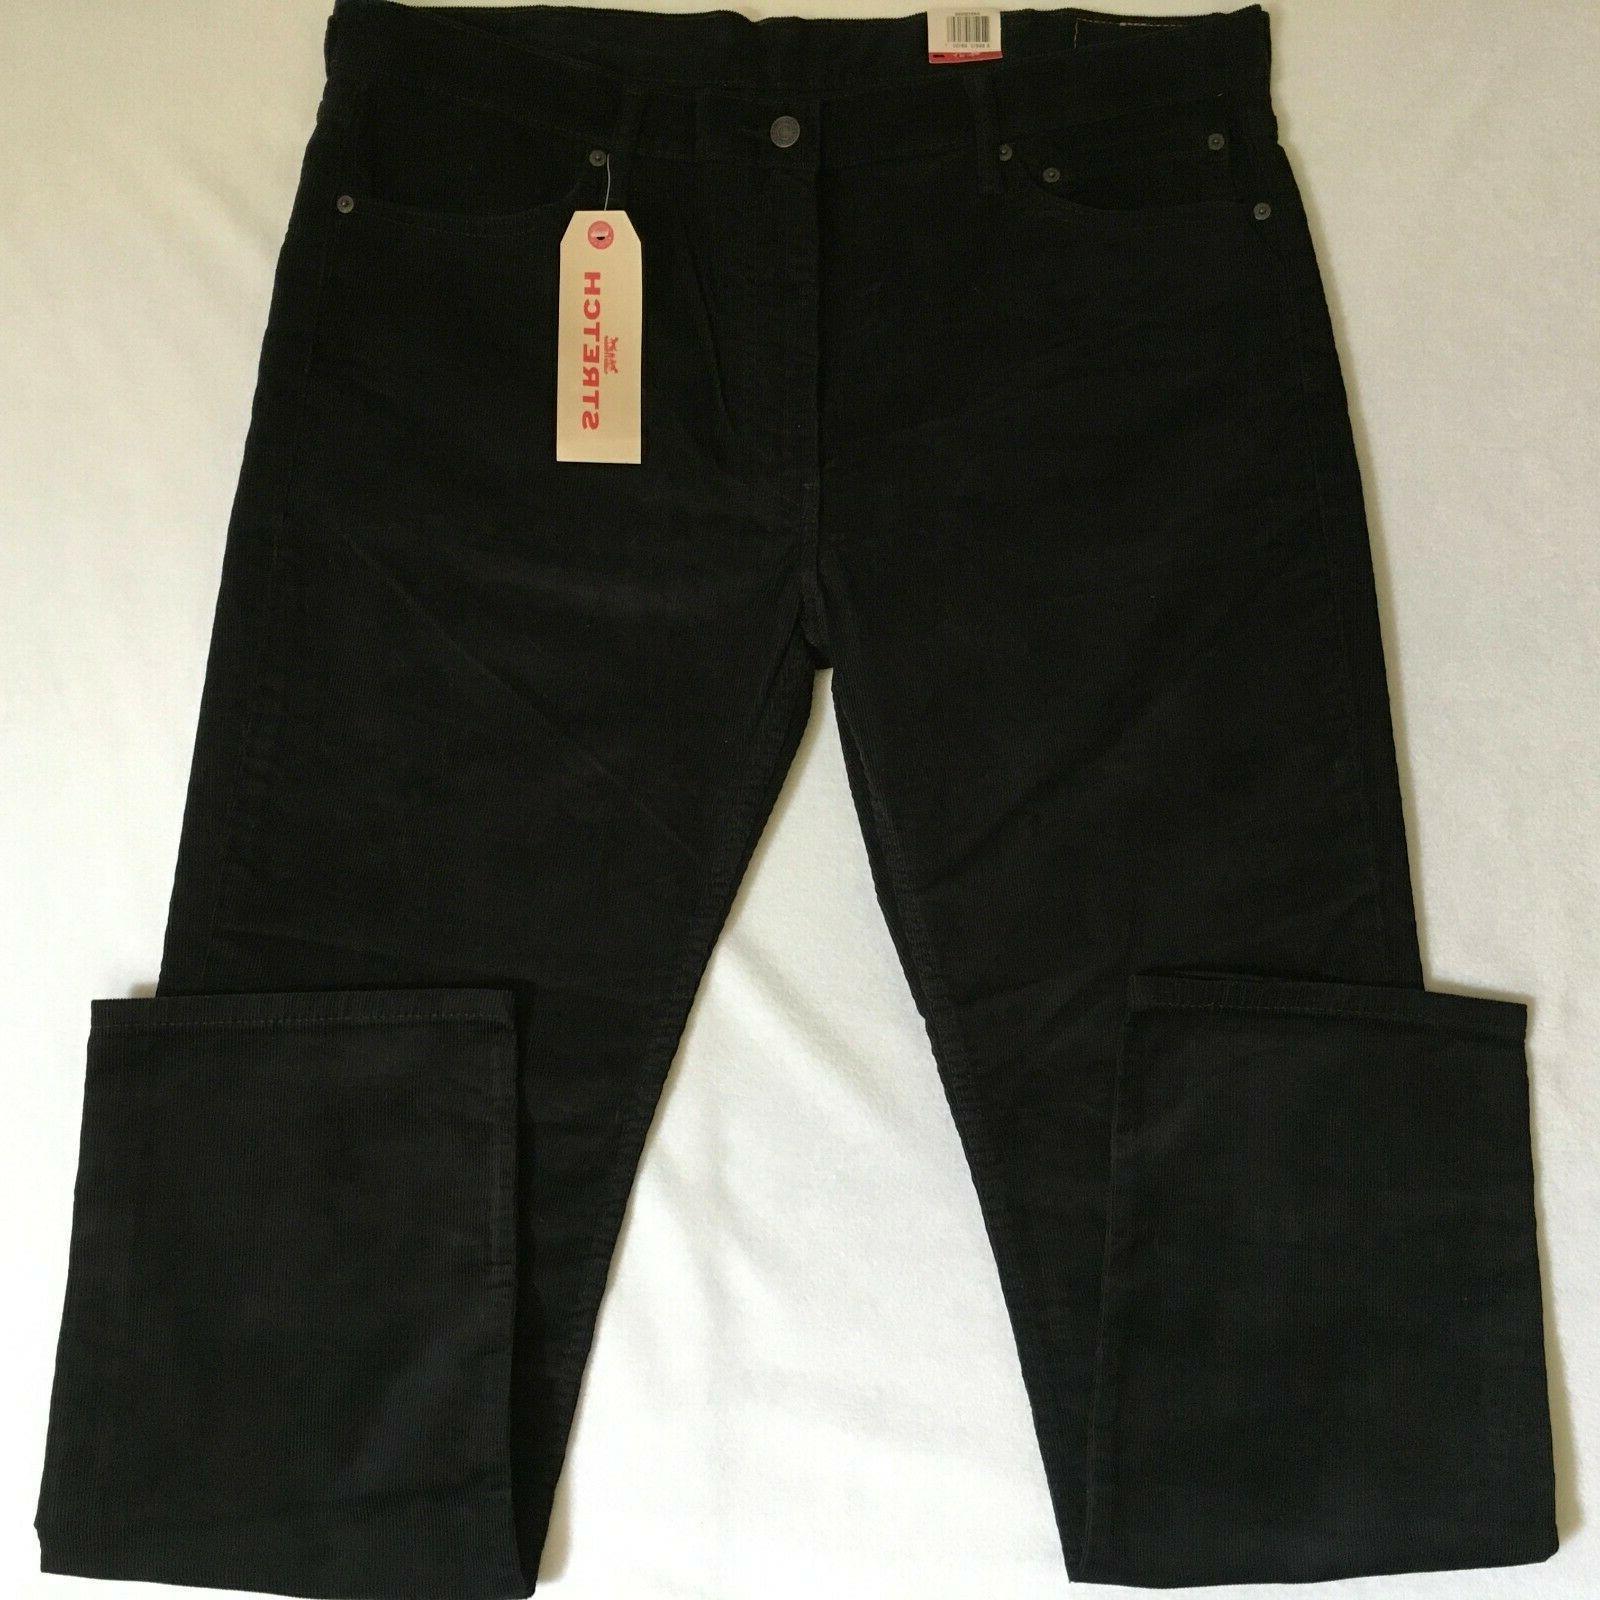 Levis Slim Fit Corduroy Pants MSRP $69.50